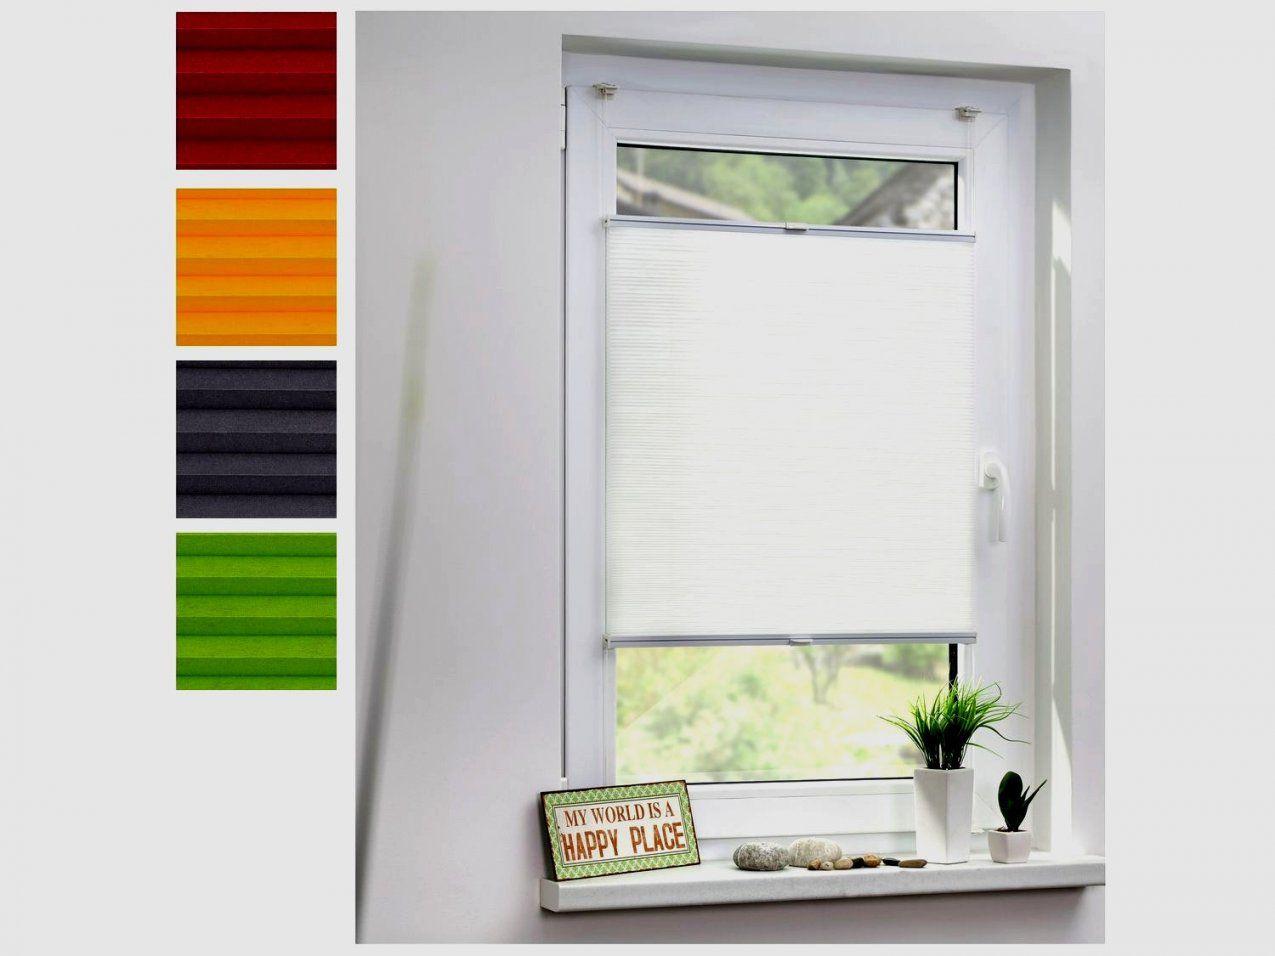 Retro Kühlschrank Hornbach : Insektenschutz balkontür ohne bohren hornbach gardinen für